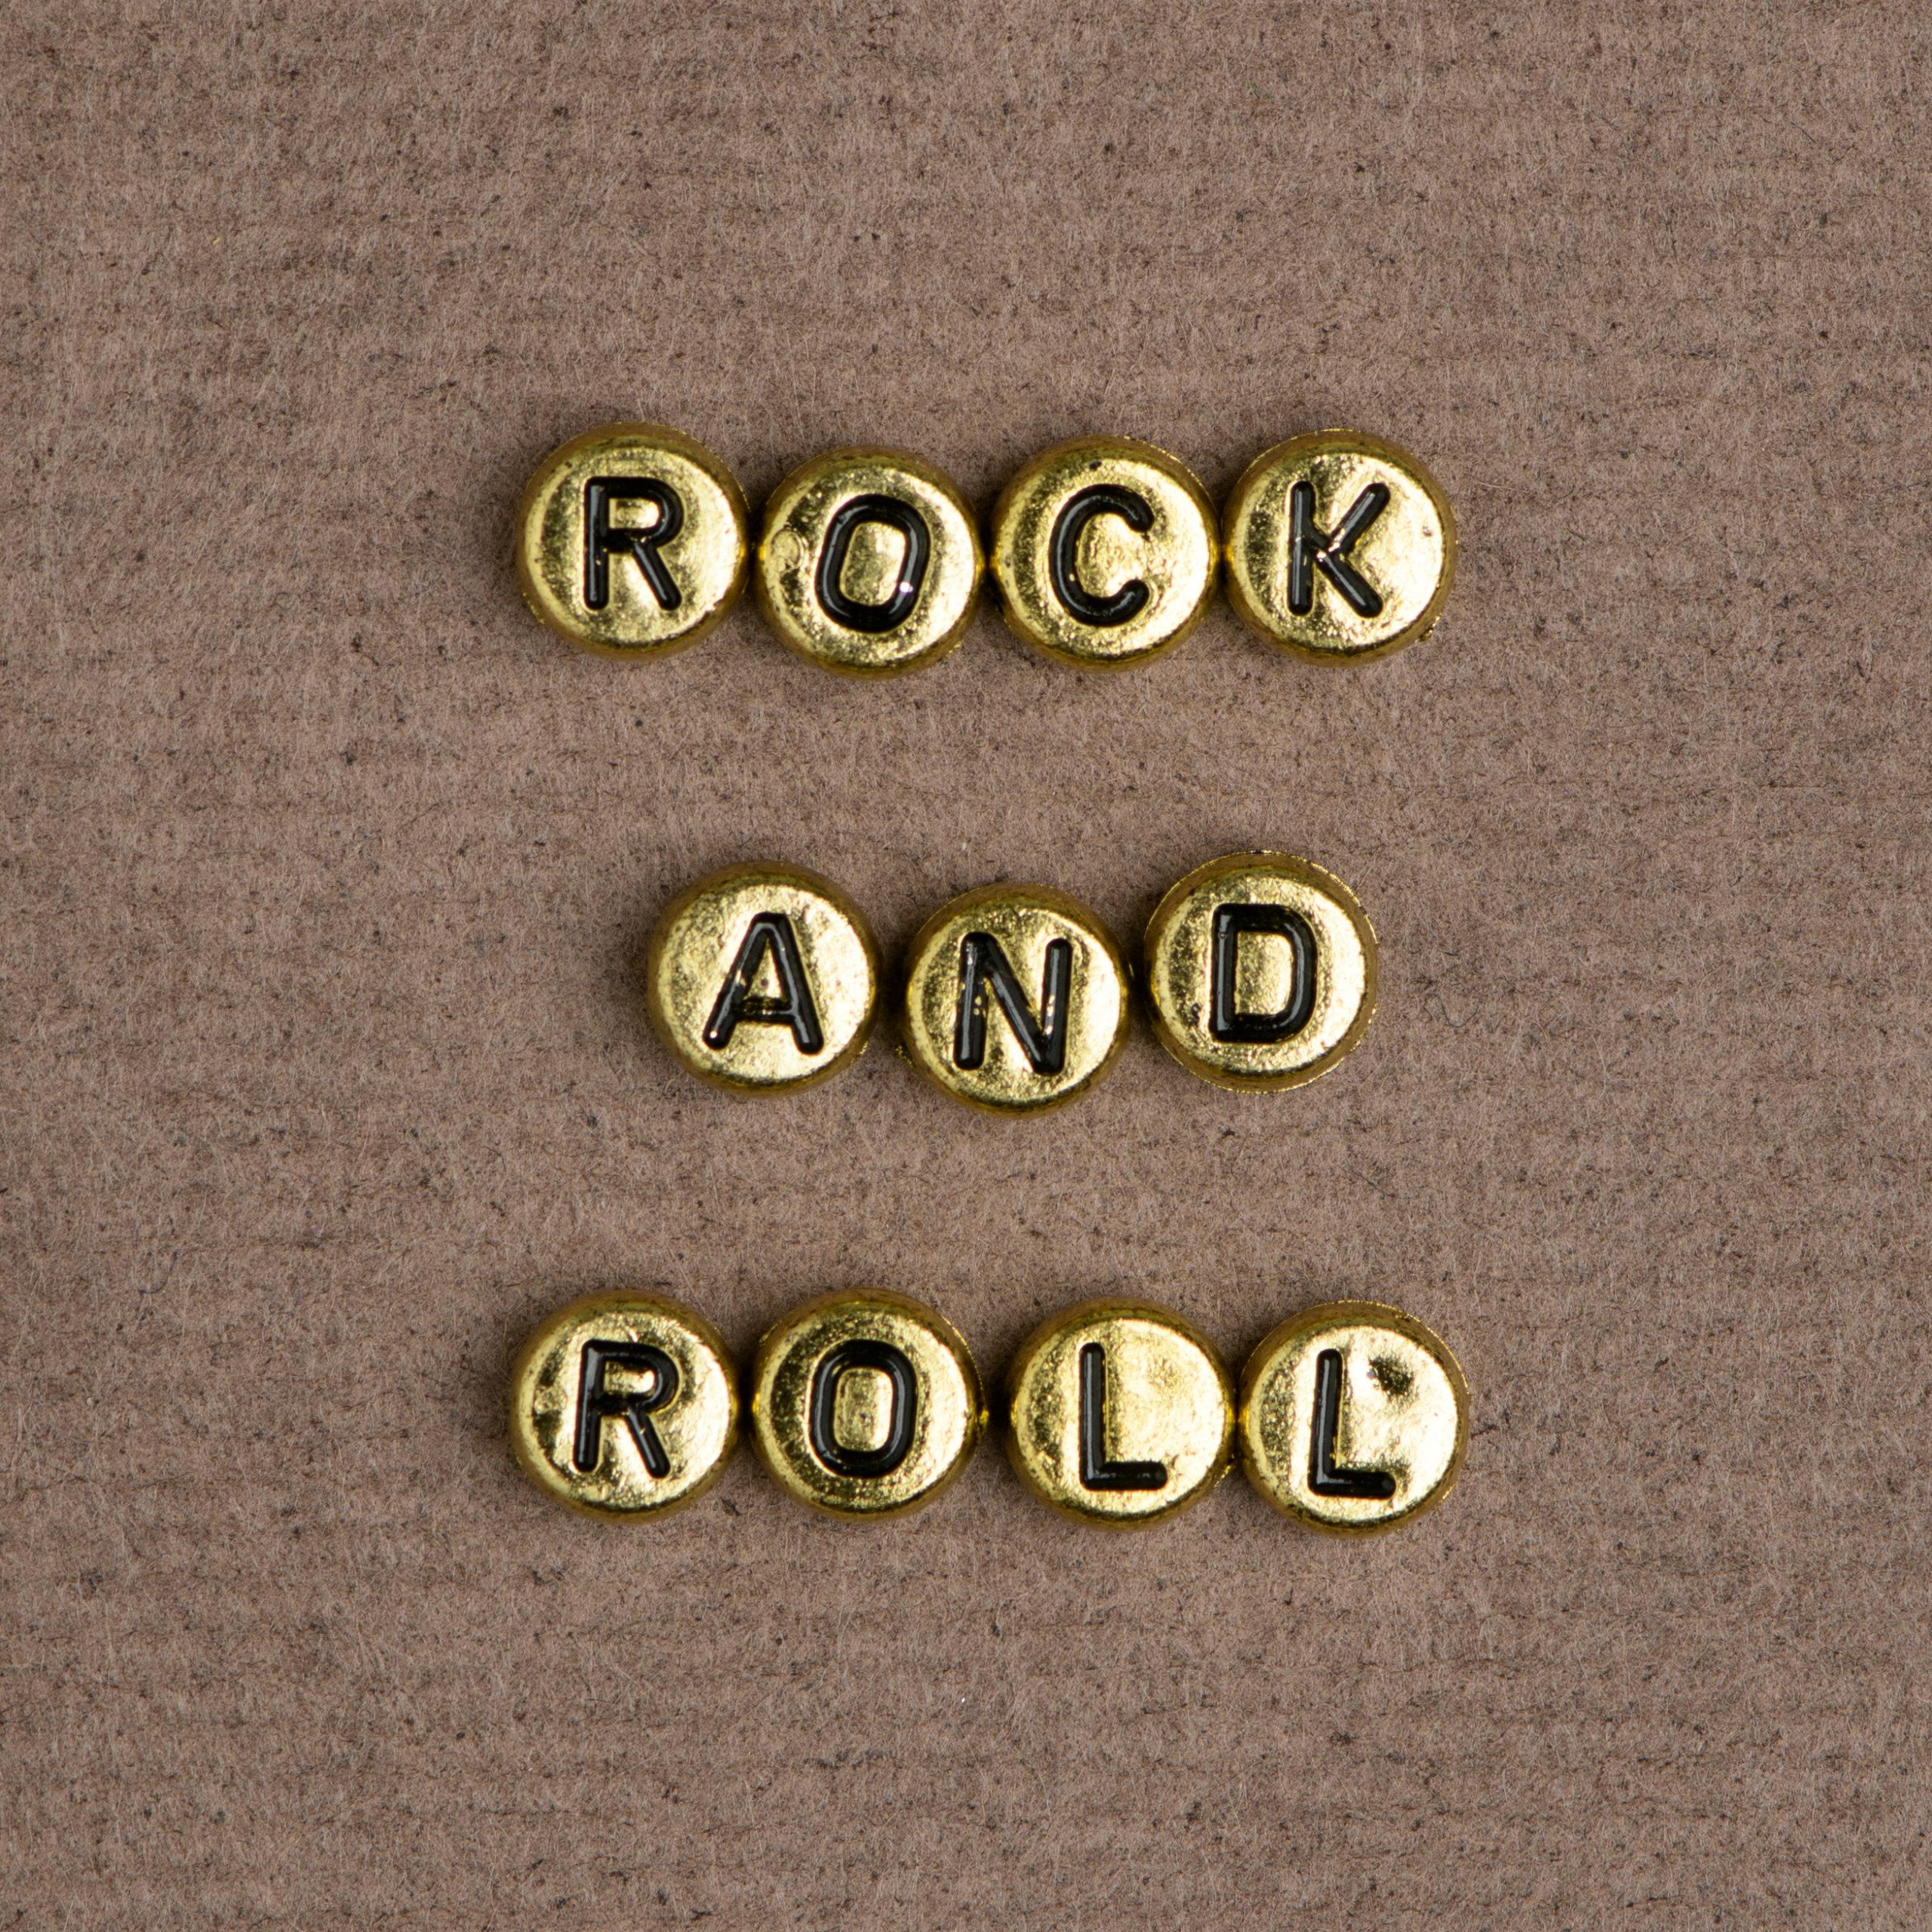 letras formando rock and roll